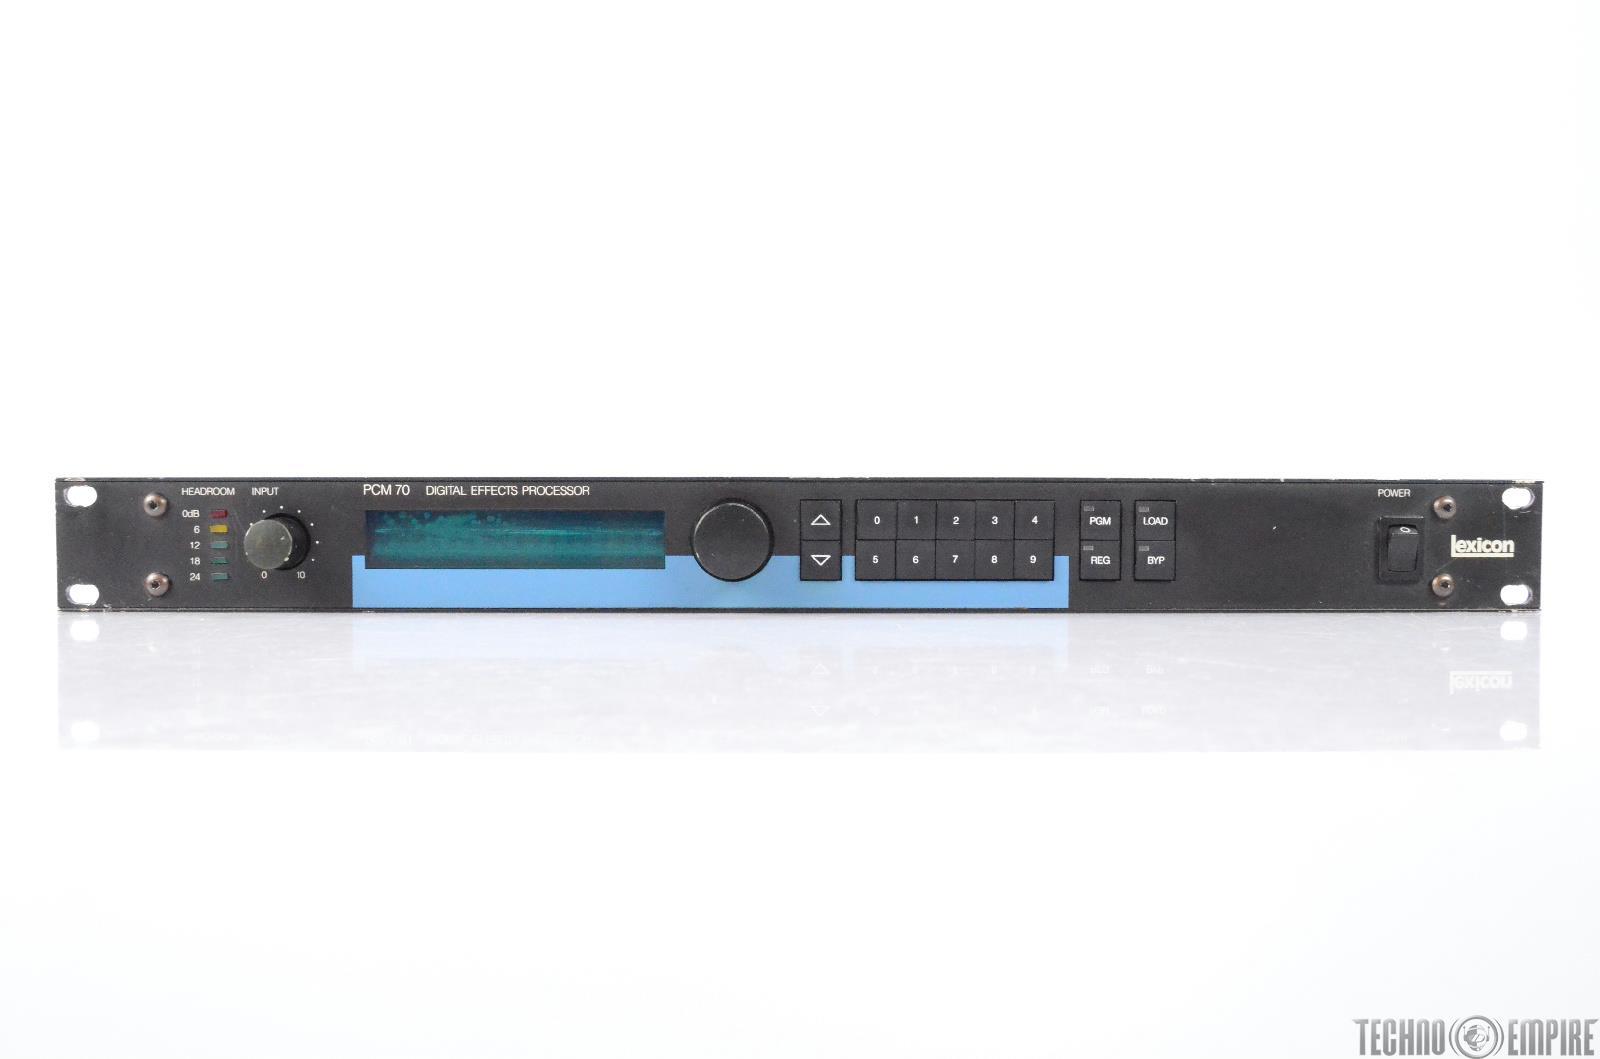 Lexicon PCM 70 V1.2 Digital Multi-Effect Processor Grandmaster Recorders #28726